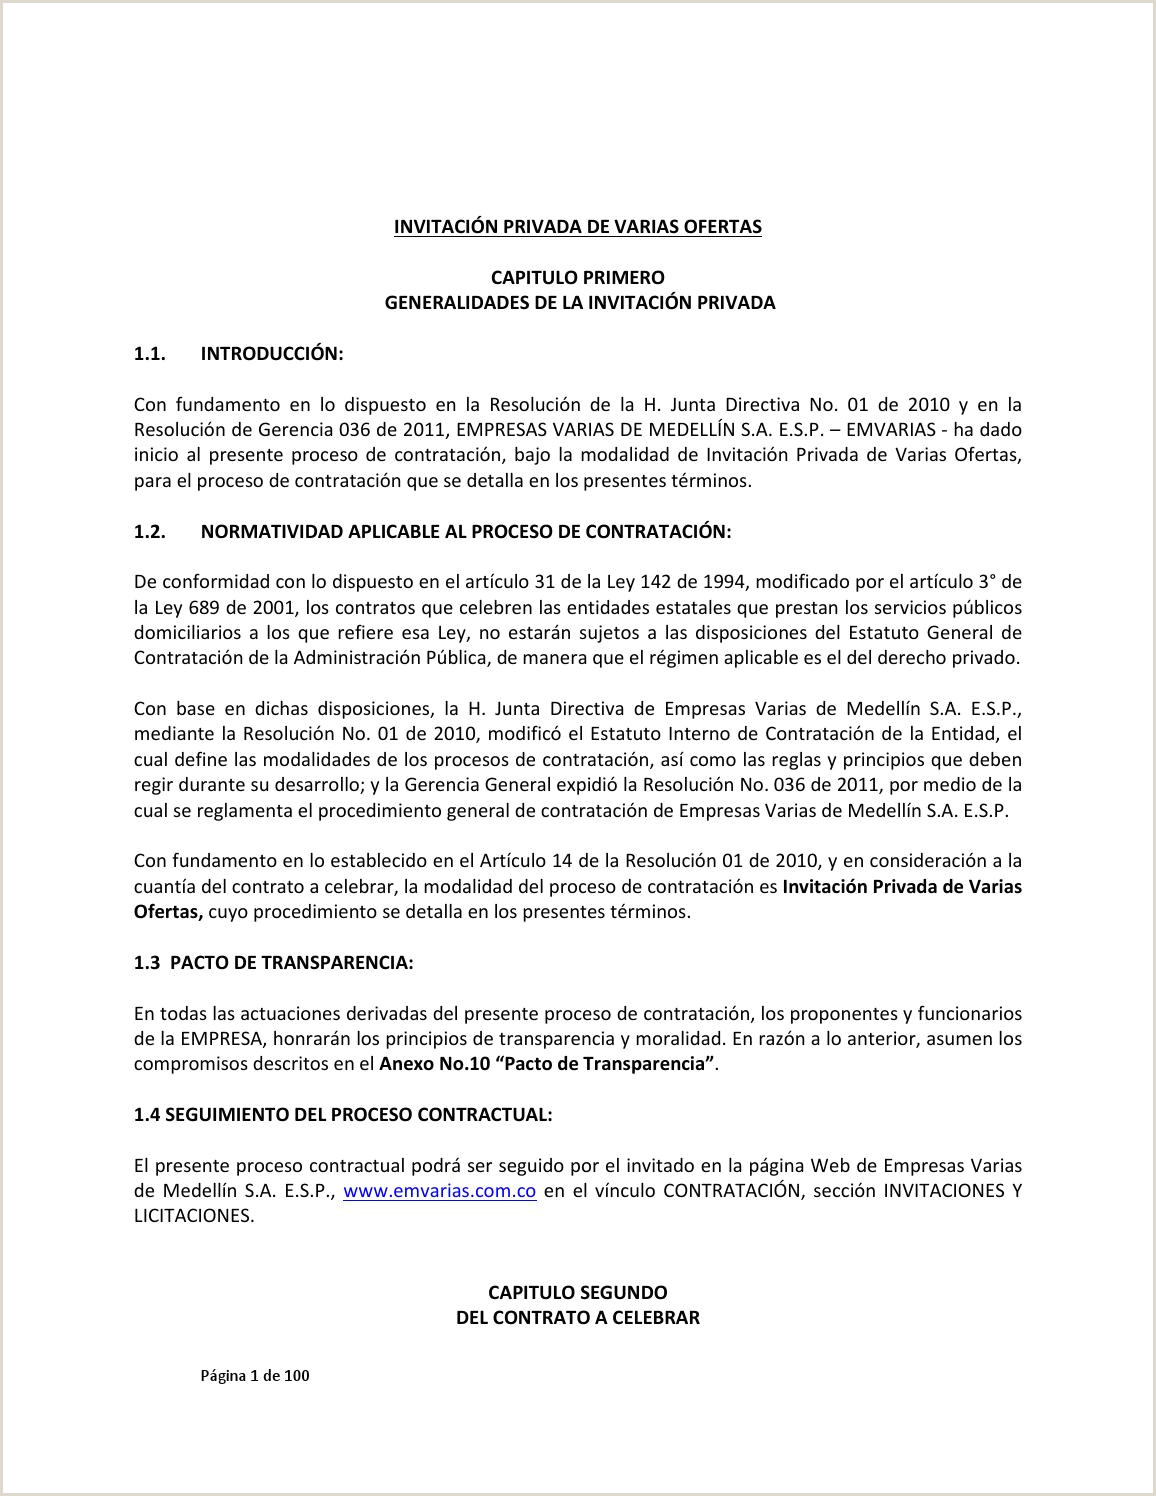 Invitacion privada varias ofertas sistema electrico 2013